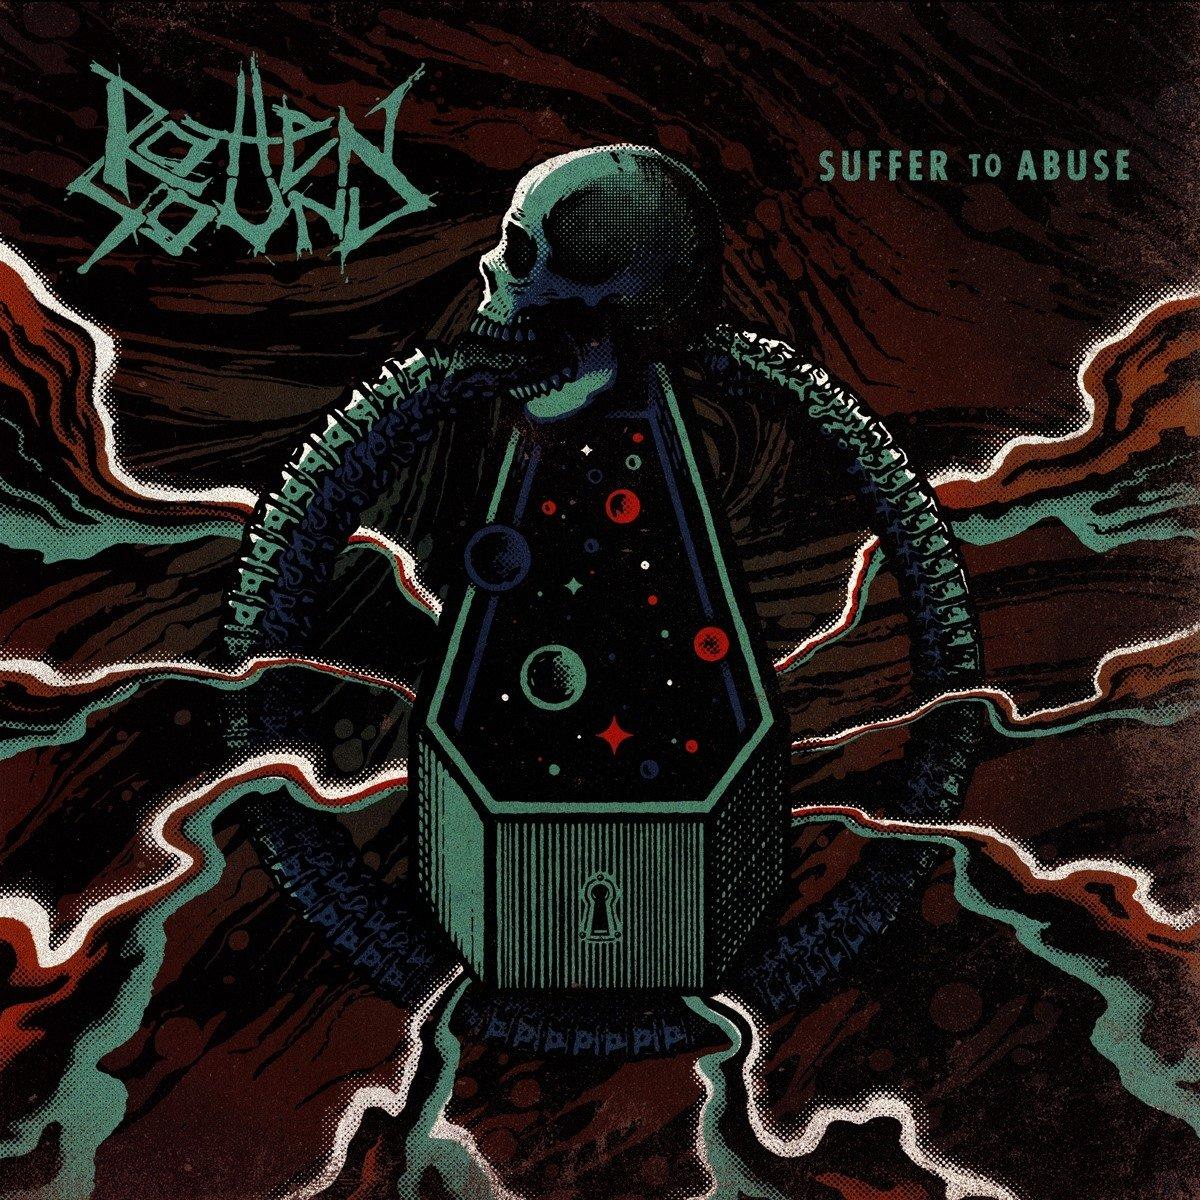 Vinilo : Rotten Sound - Surfer To Abuse (LP Vinyl)